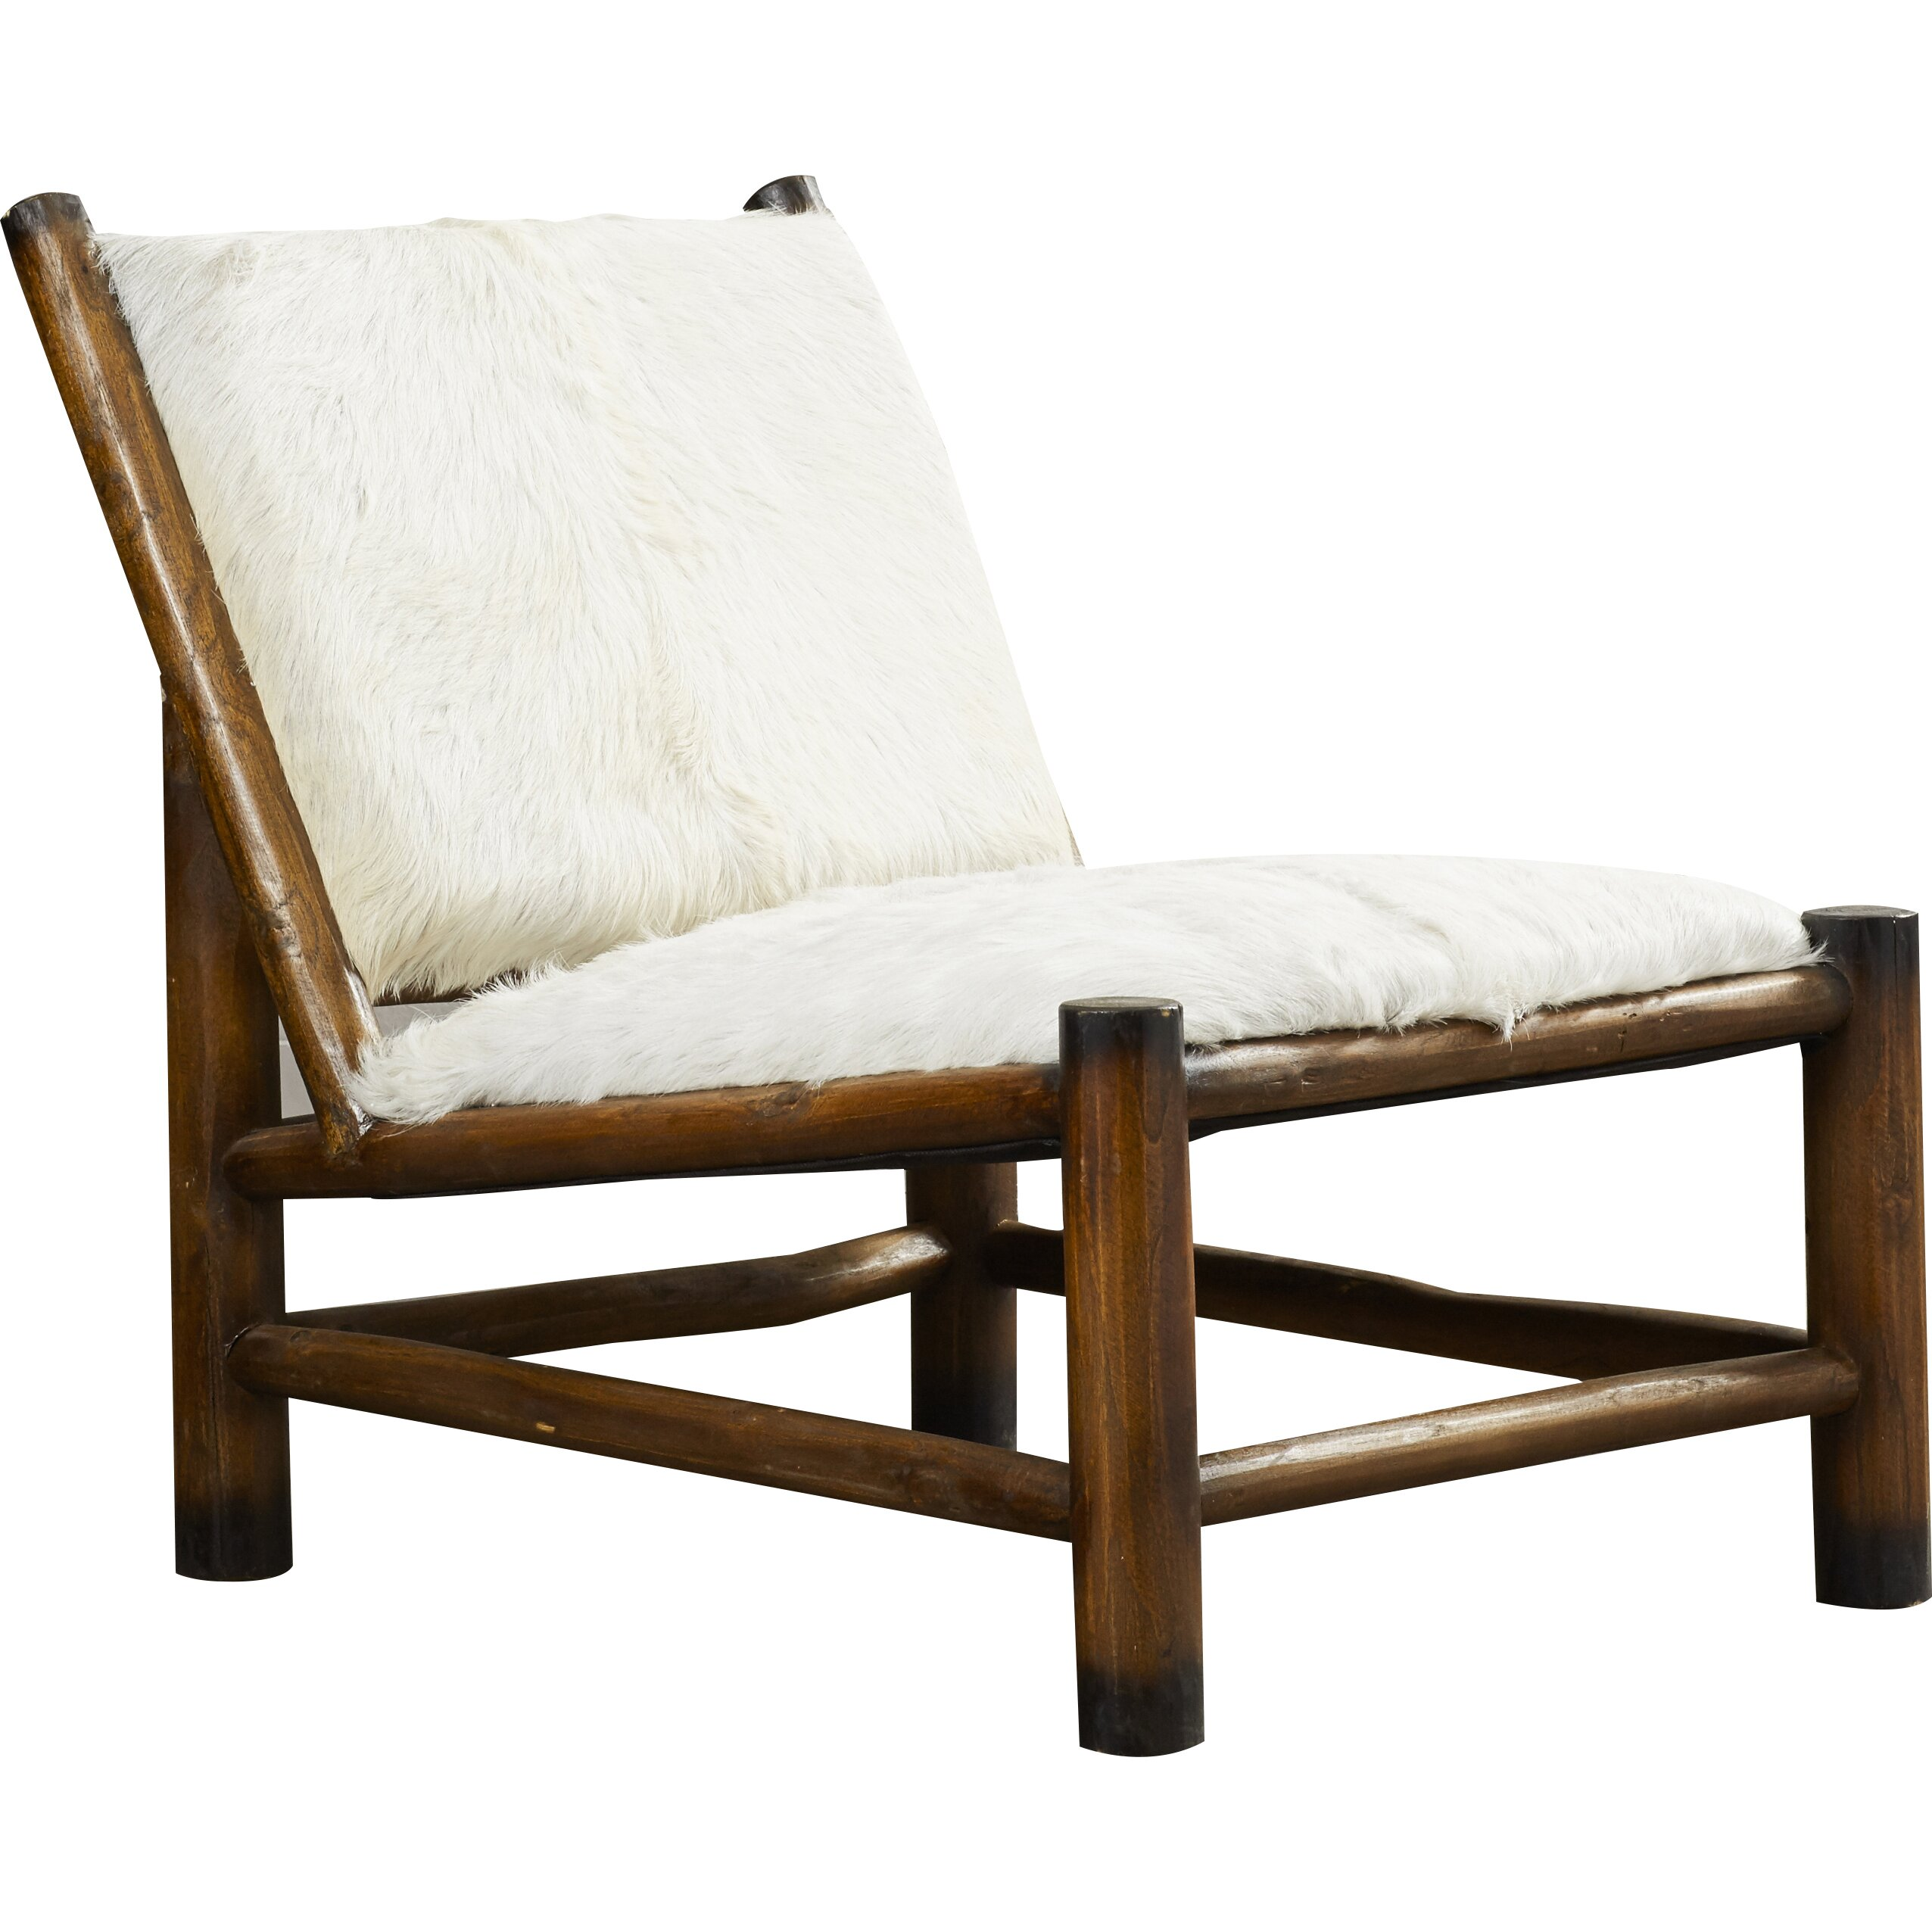 Loon Peak Hinsdale Side Chair Amp Reviews Wayfair